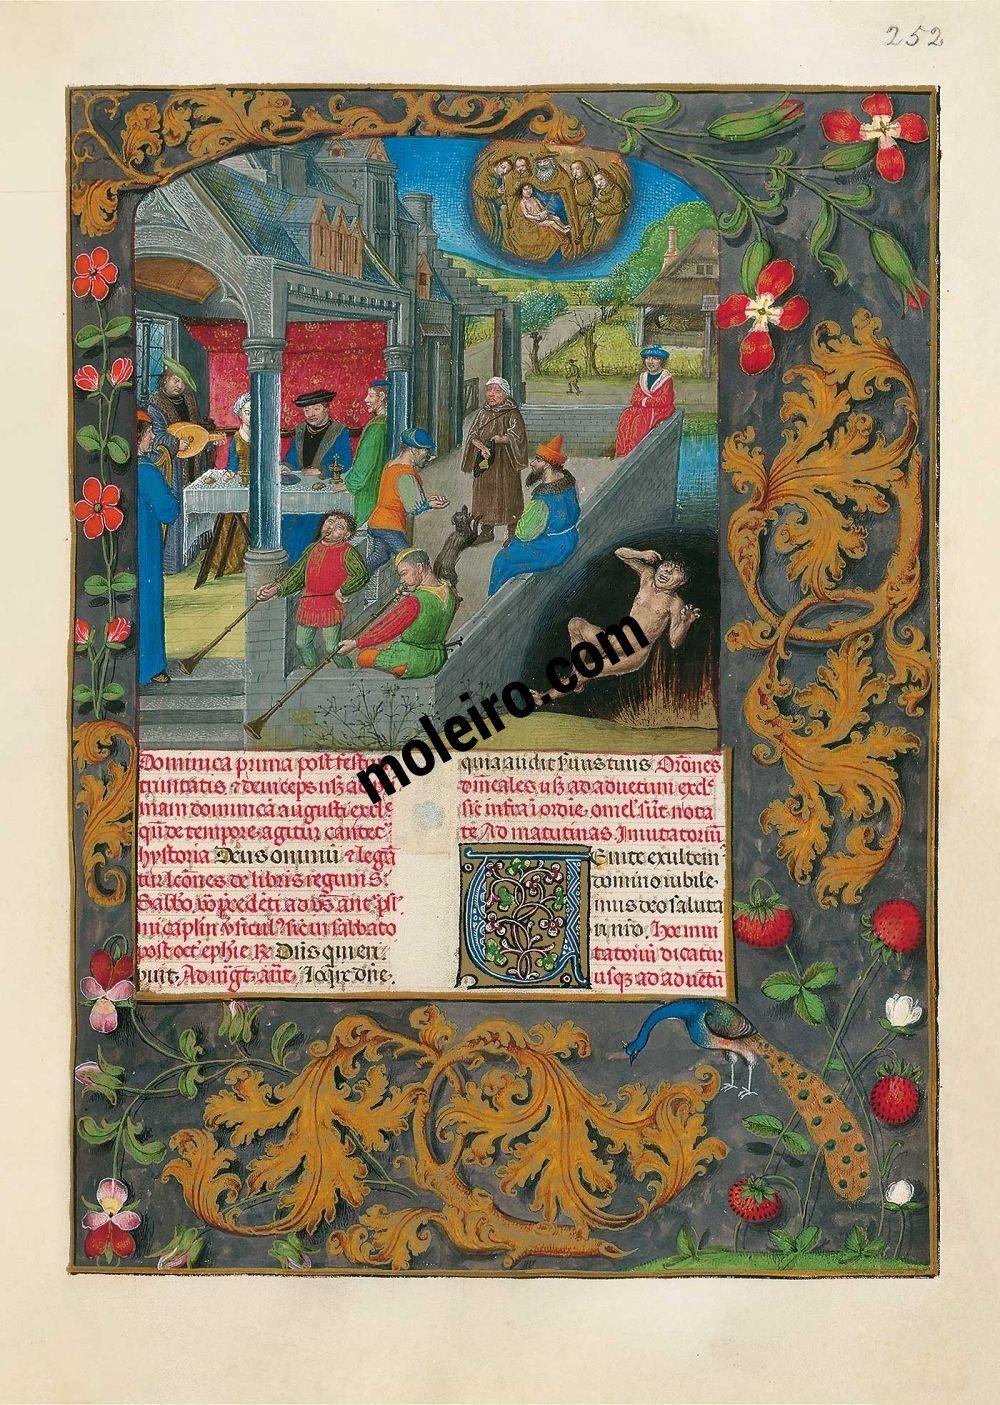 Le Bréviaire d'Isabelle la Catholique f. 252r, La parabole du mauvais riche et du pauvre Lazare